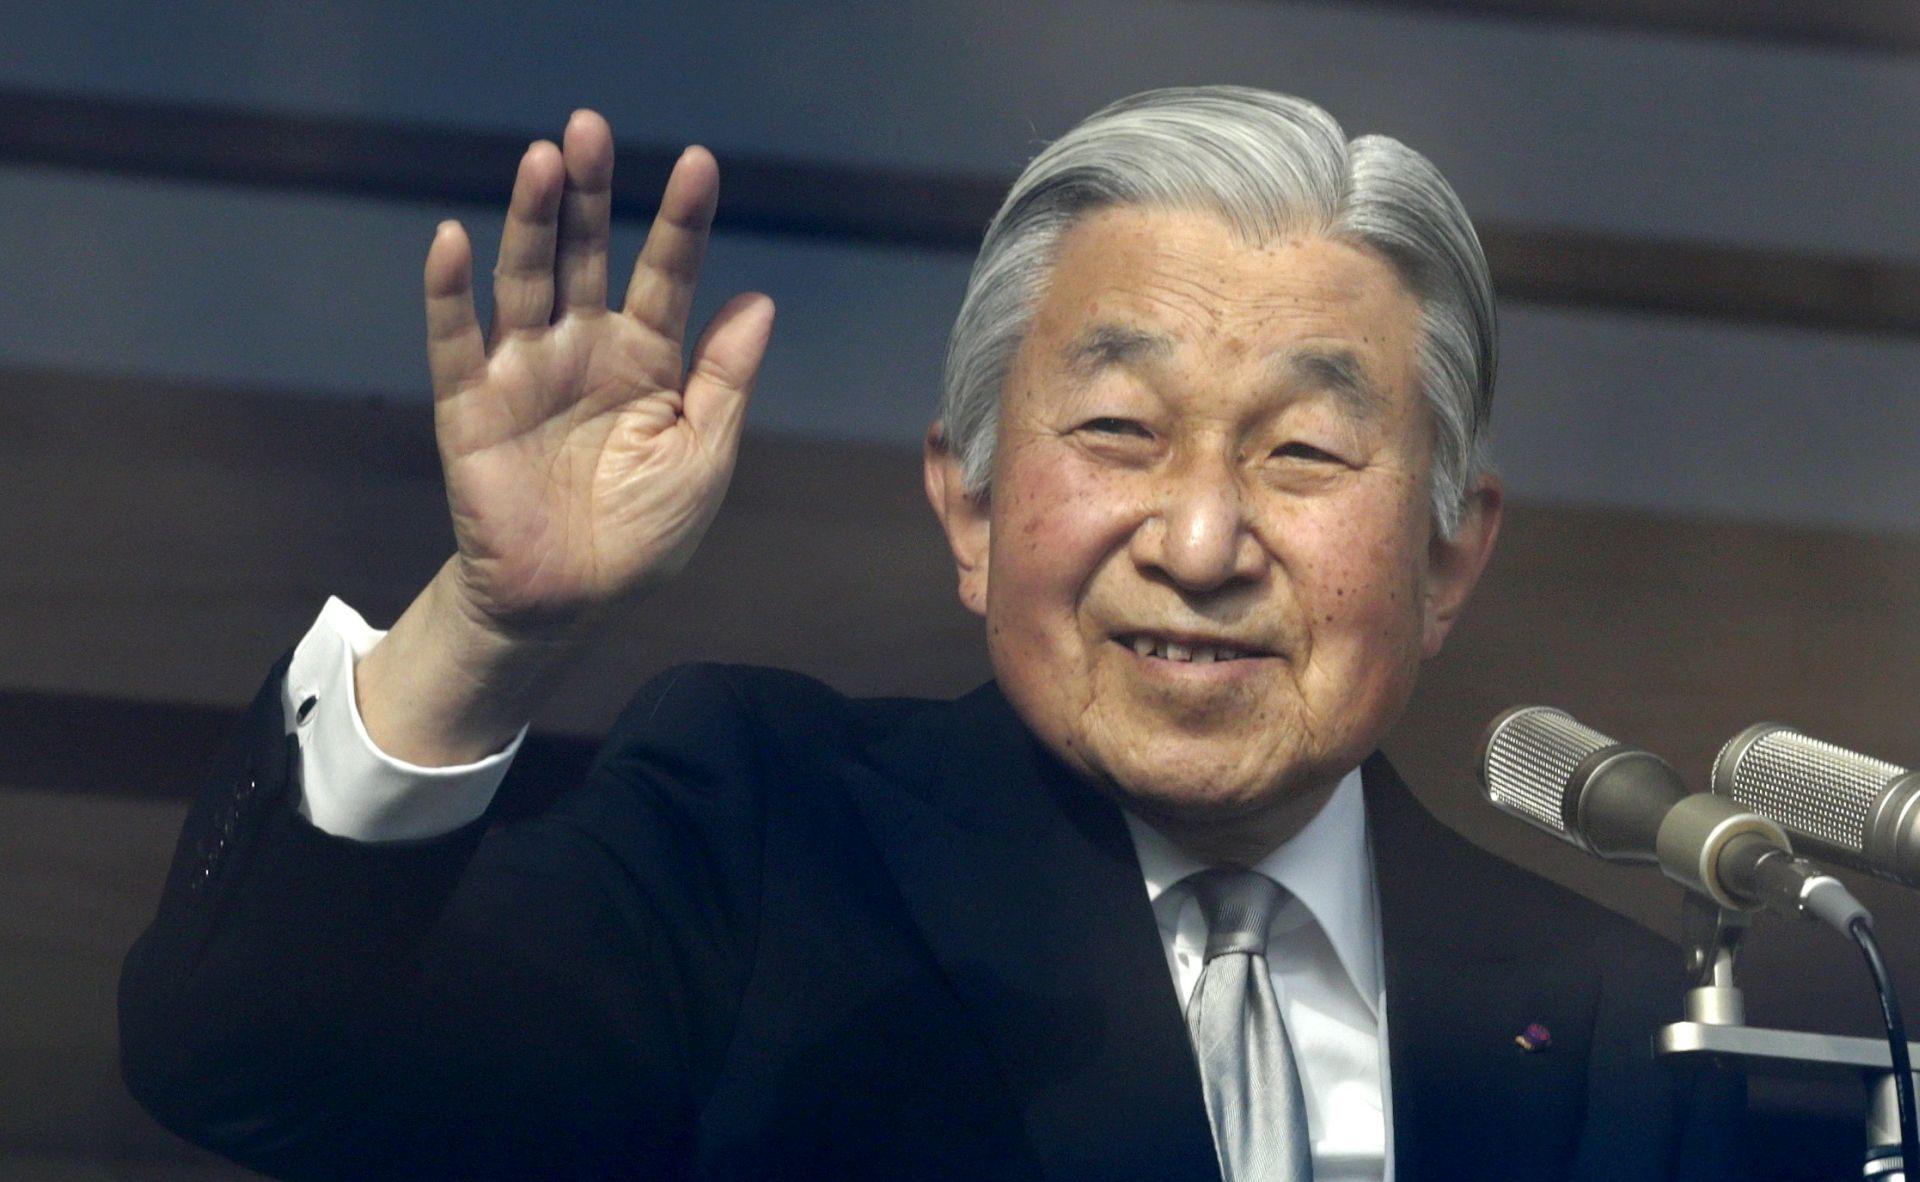 Japanski car abdicirat će 30. travnja 2019.